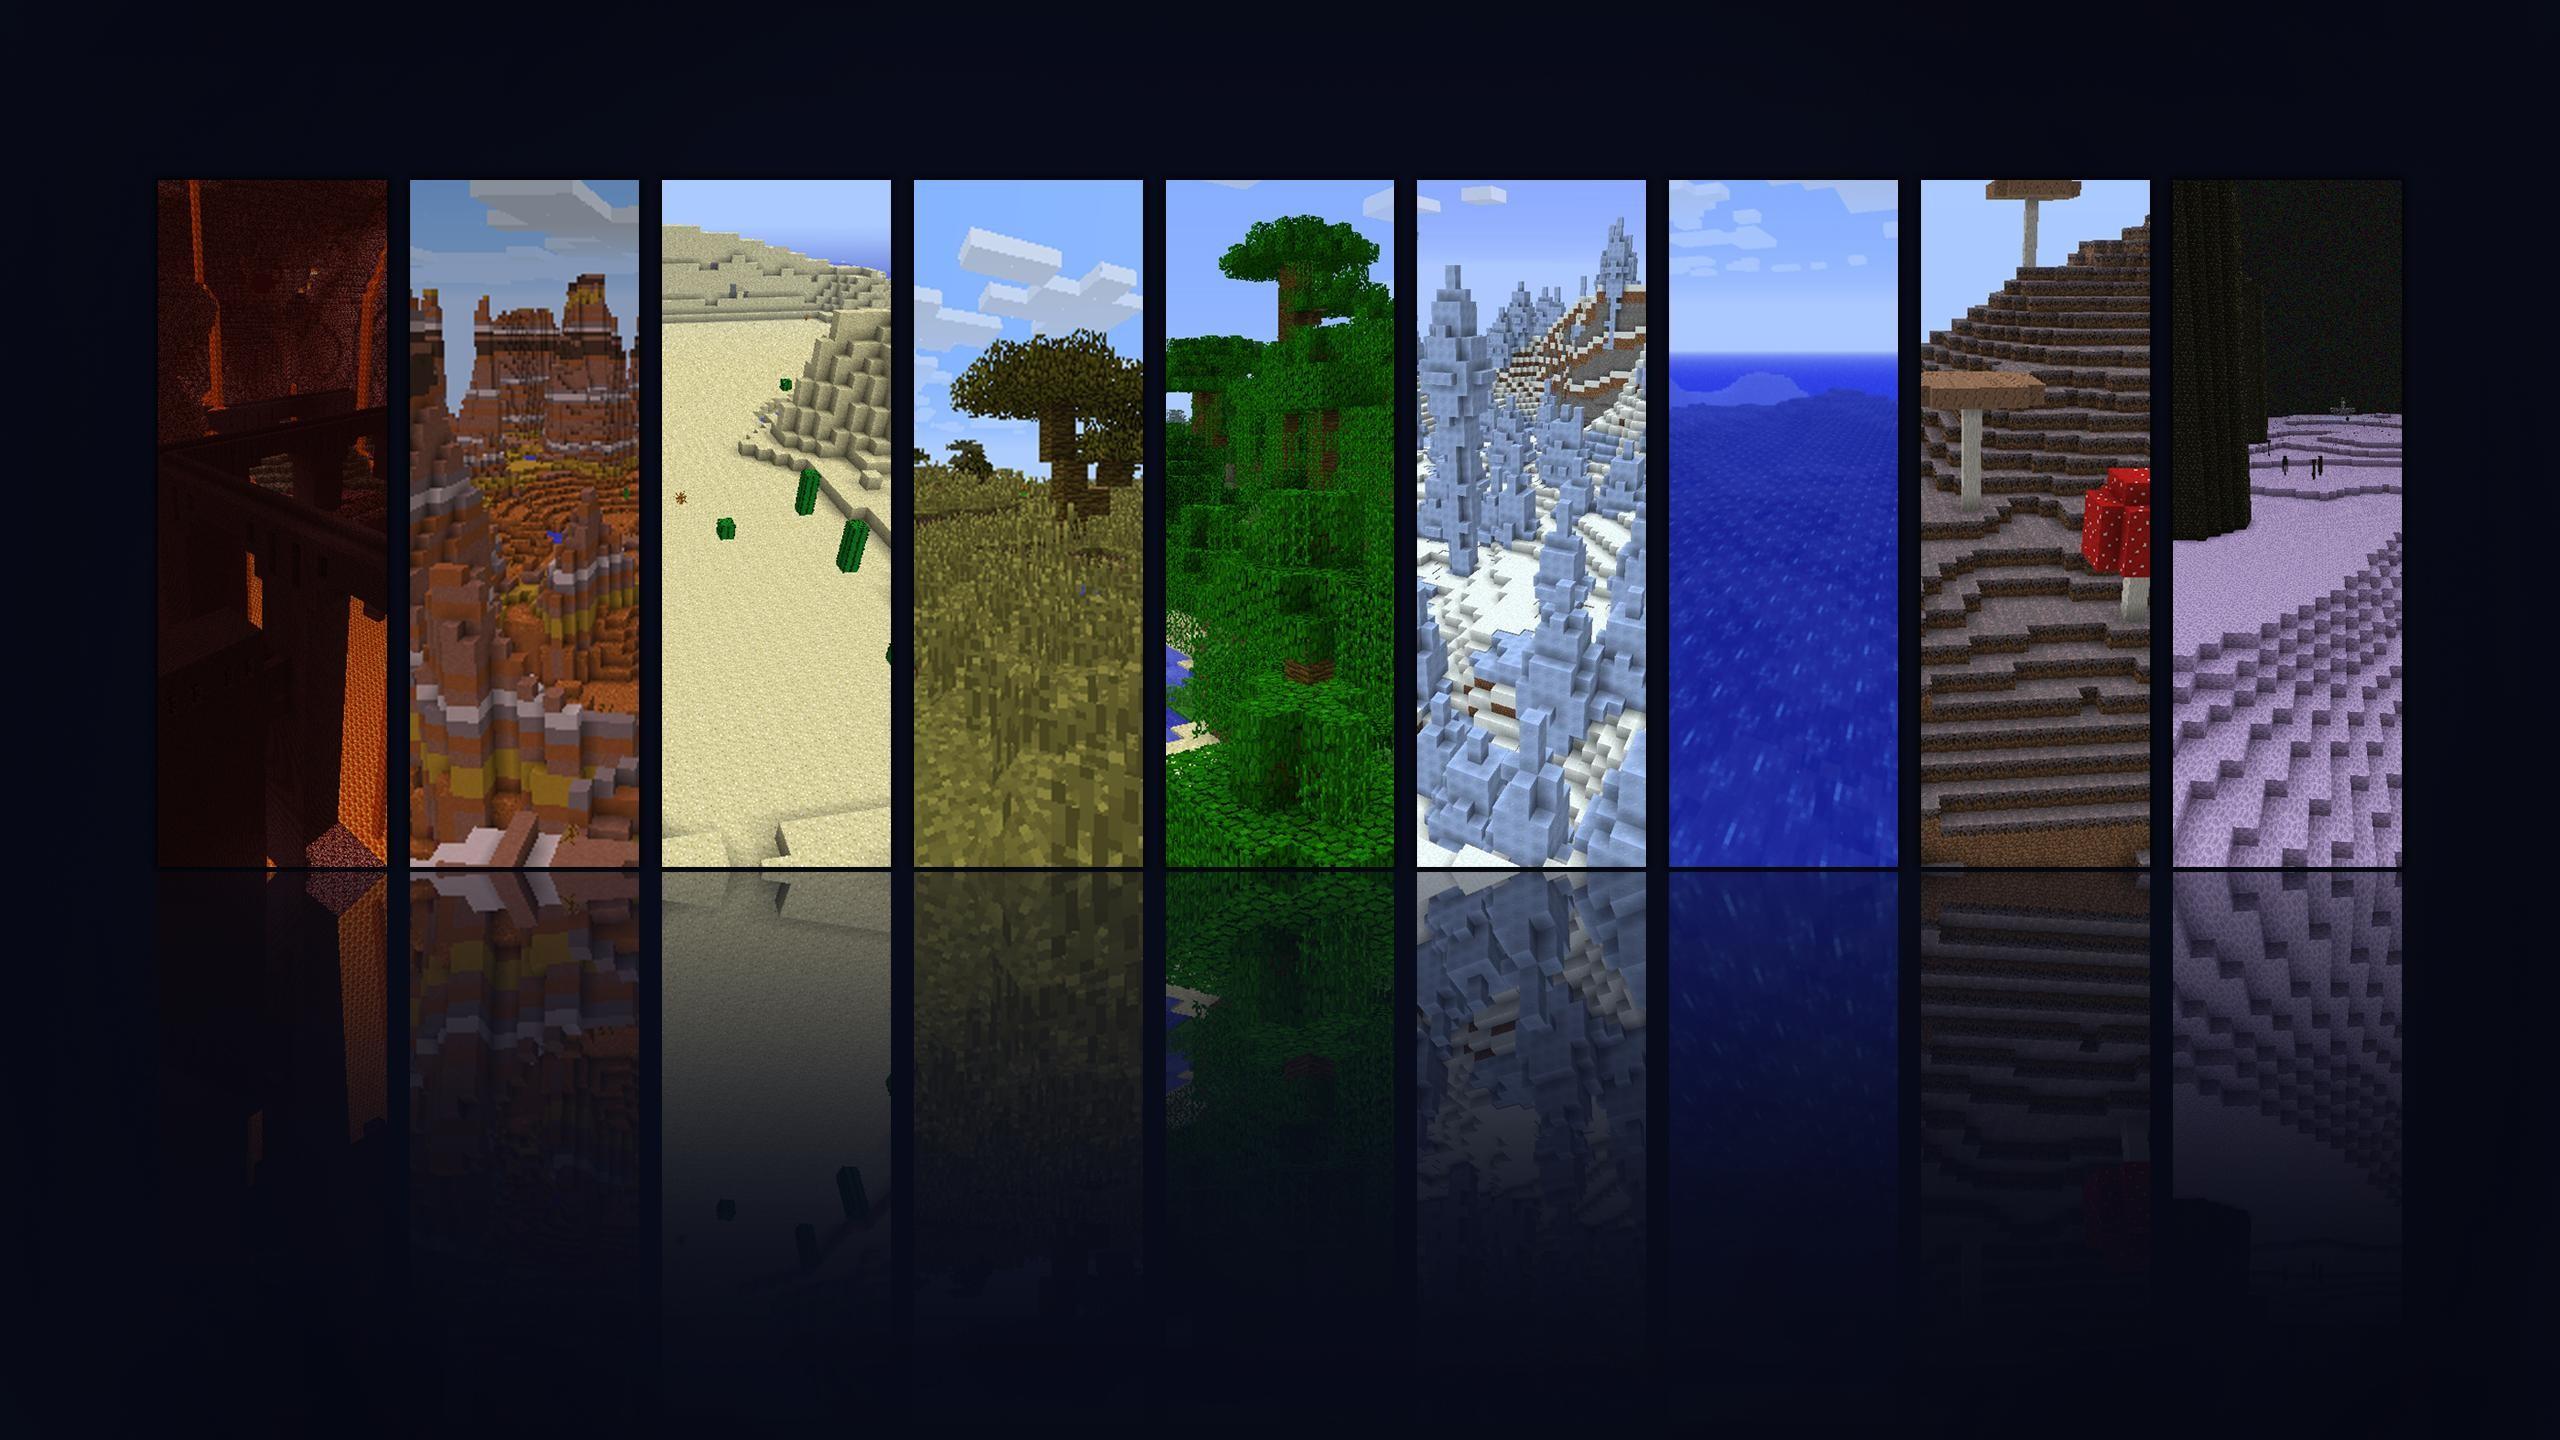 1920x1200 Windows 7 Background Minecraft Modified 1366X768